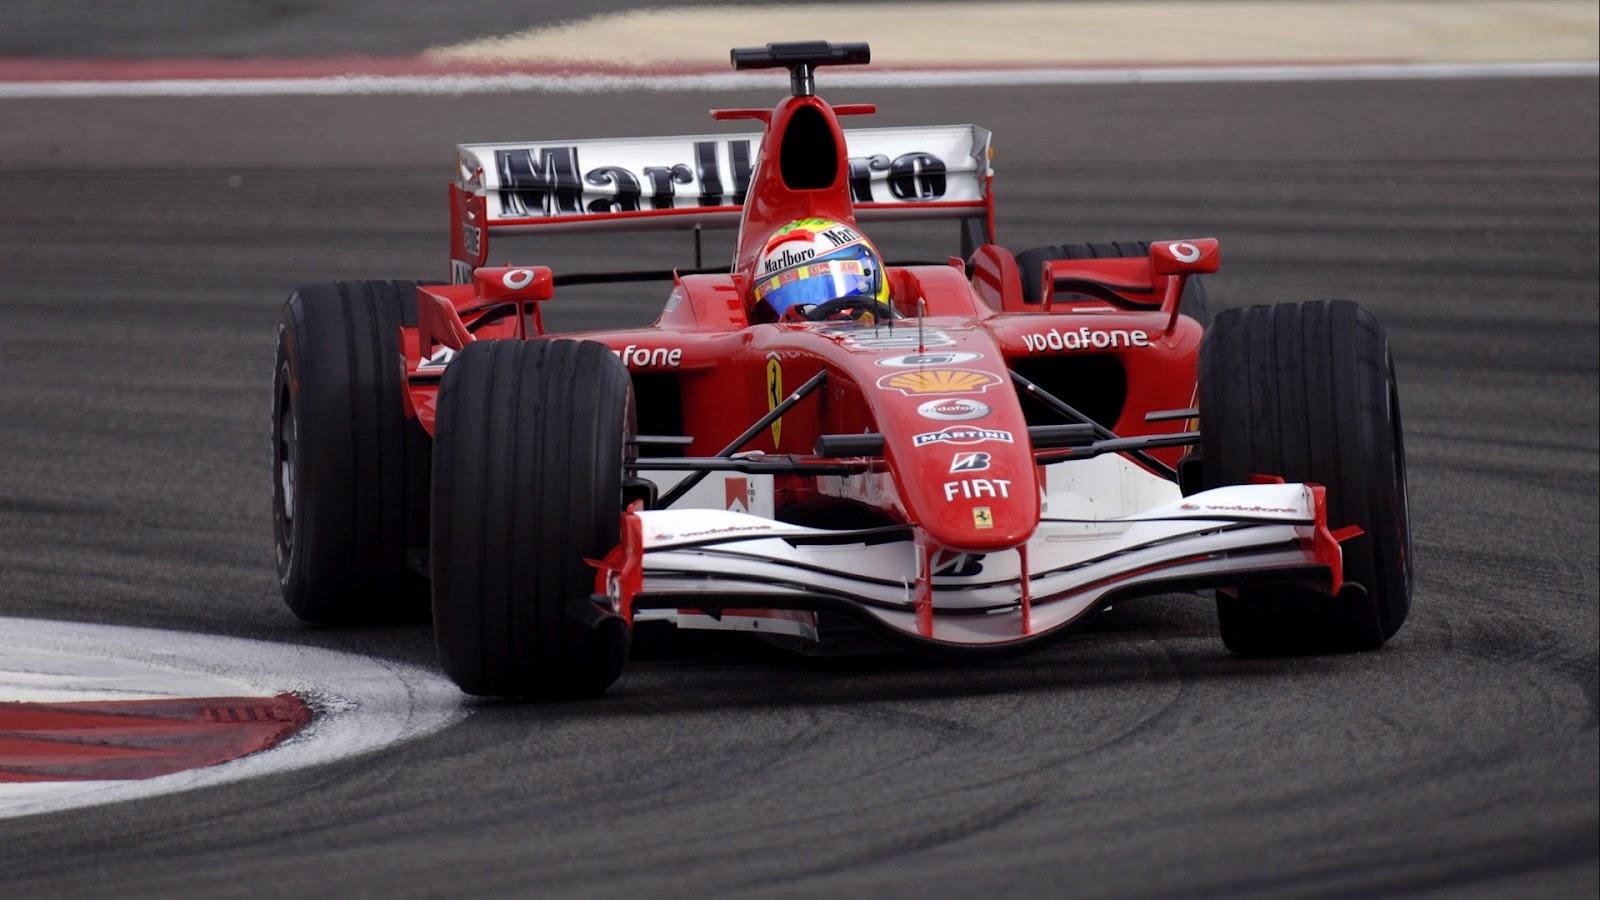 http://4.bp.blogspot.com/-teBxiSPnPe0/T0x0I3WBoFI/AAAAAAAAMOM/xQIhlxIcK08/s1600/f1_ferrari_race_car_wallpaper+(1).jpg